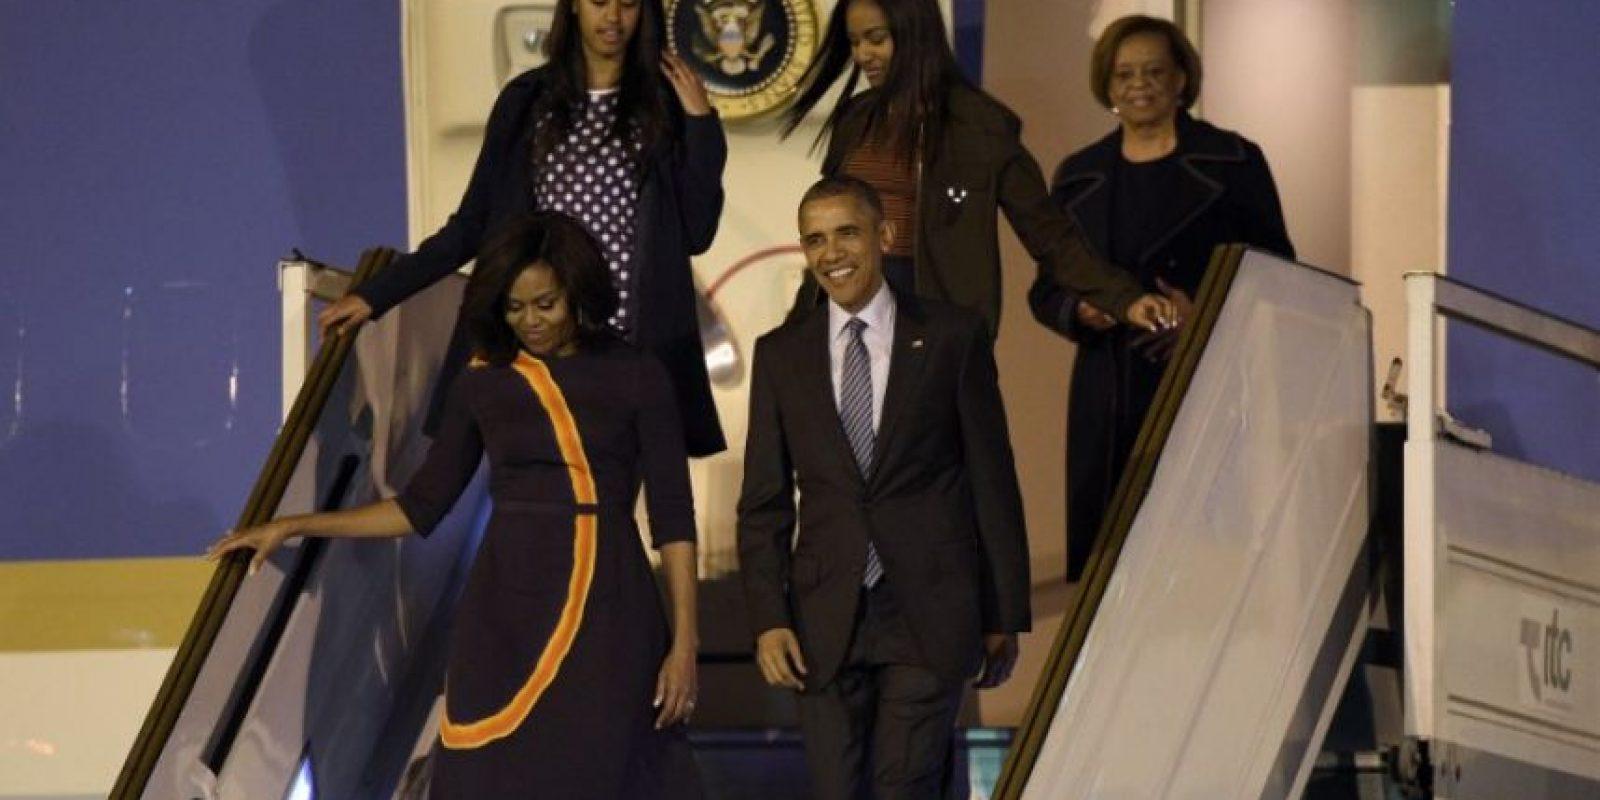 Después del encuentro Obama visitará la Catedral de Buenos Aires. Foto:AFP